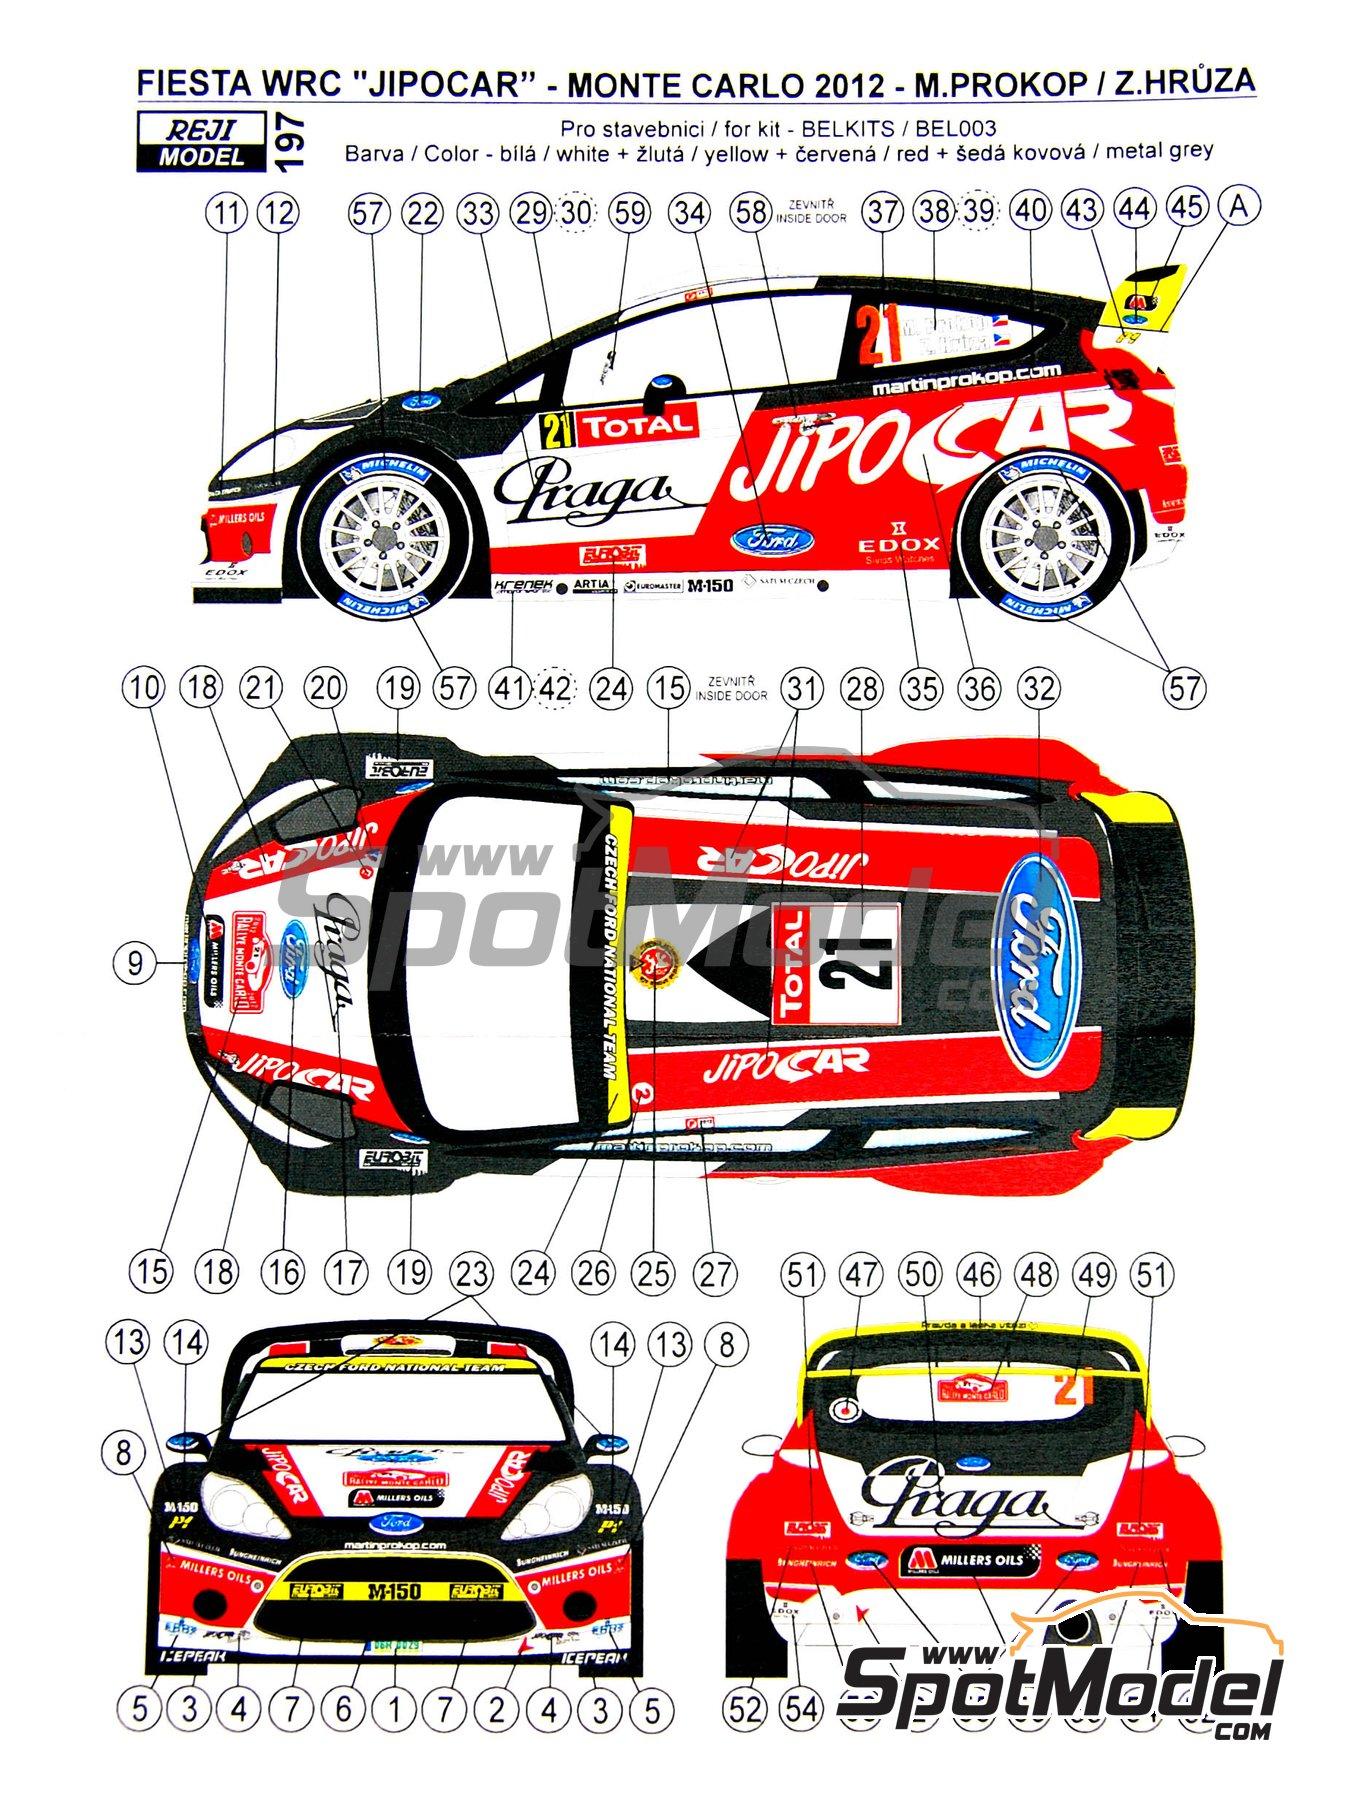 Ford Fiesta WRC Jipo Car - Rally de Montecarlo 2012 | Decoración en escala1/24 fabricado por Reji Model (ref.REJI-197) image